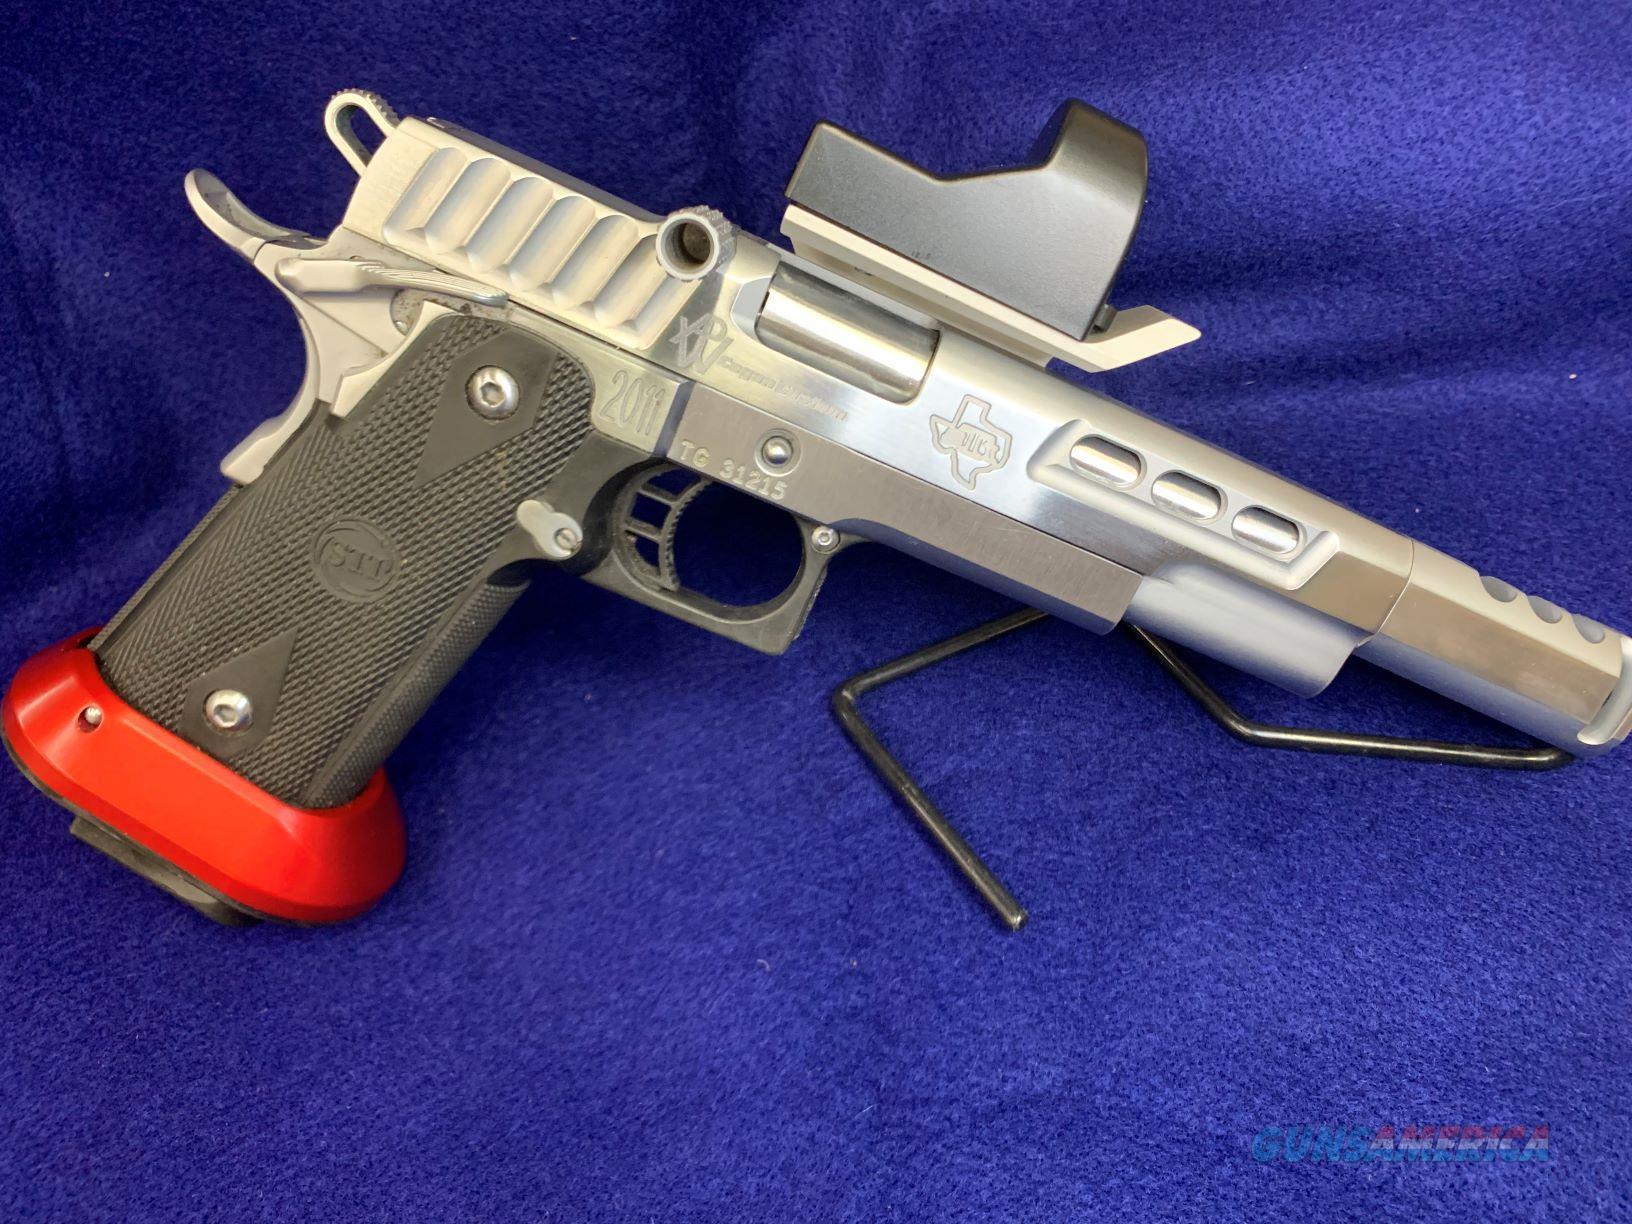 Cogan Custom STI 2011 Open Gun, 38 Super  Guns > Pistols > STI Pistols